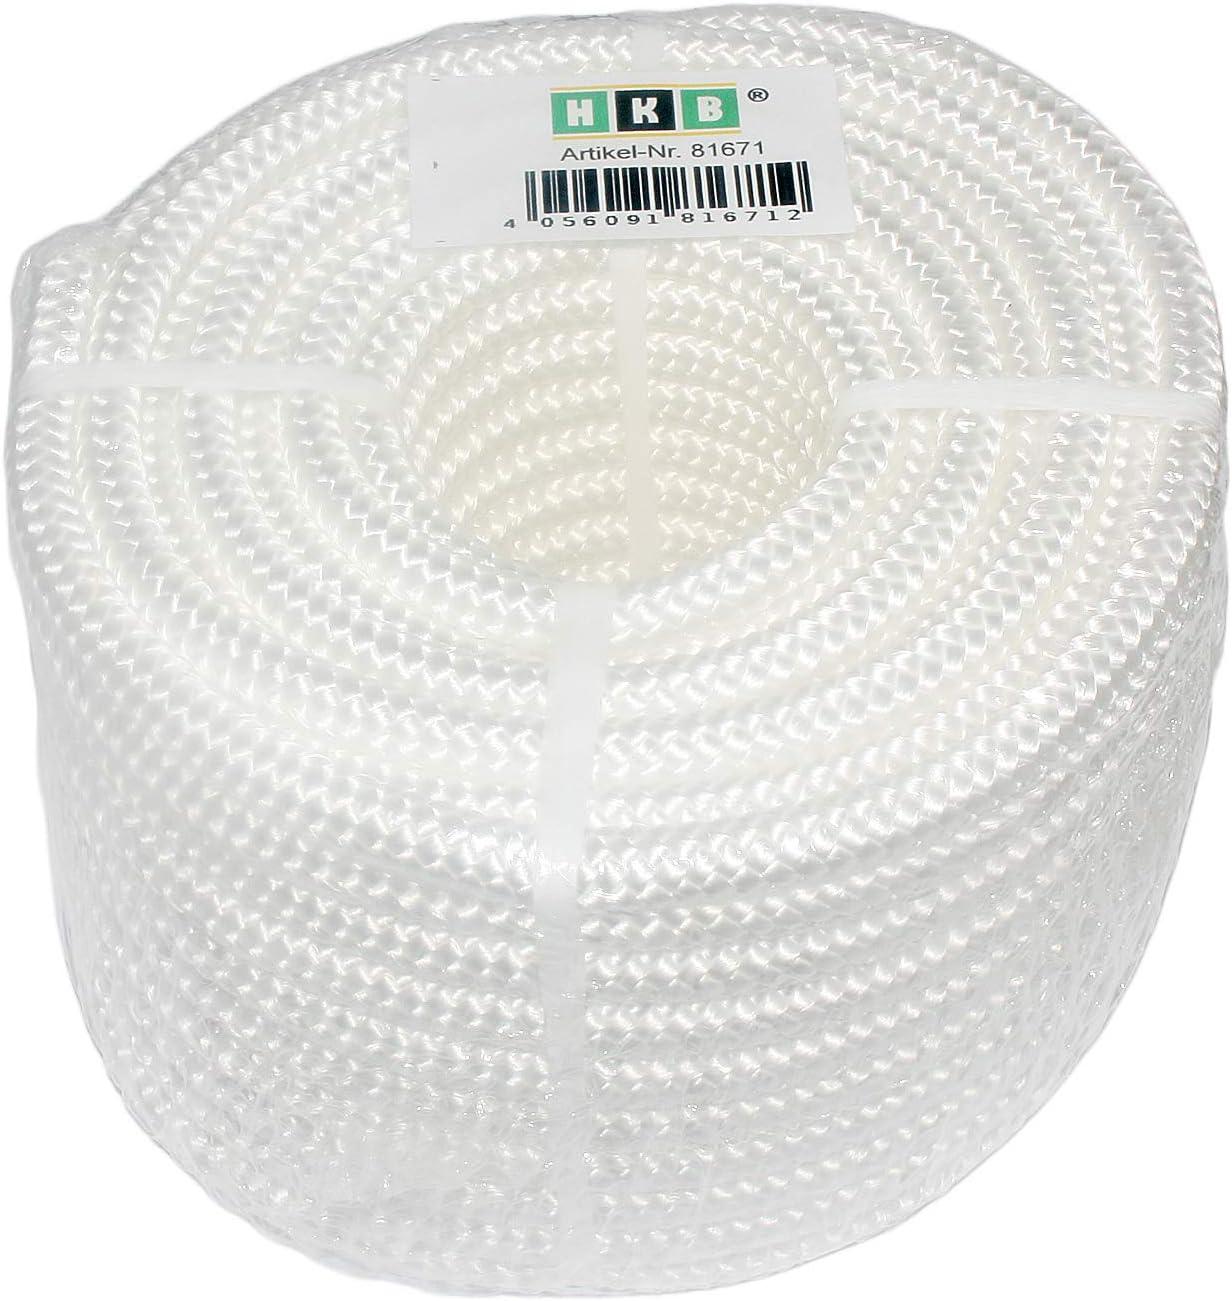 PP cuerda cuerda de polipropileno /Cuerda de polipropileno Blanco amarre cordel trenzado Cordino 16, trenzada HKB/® 20/m x 8/mm/